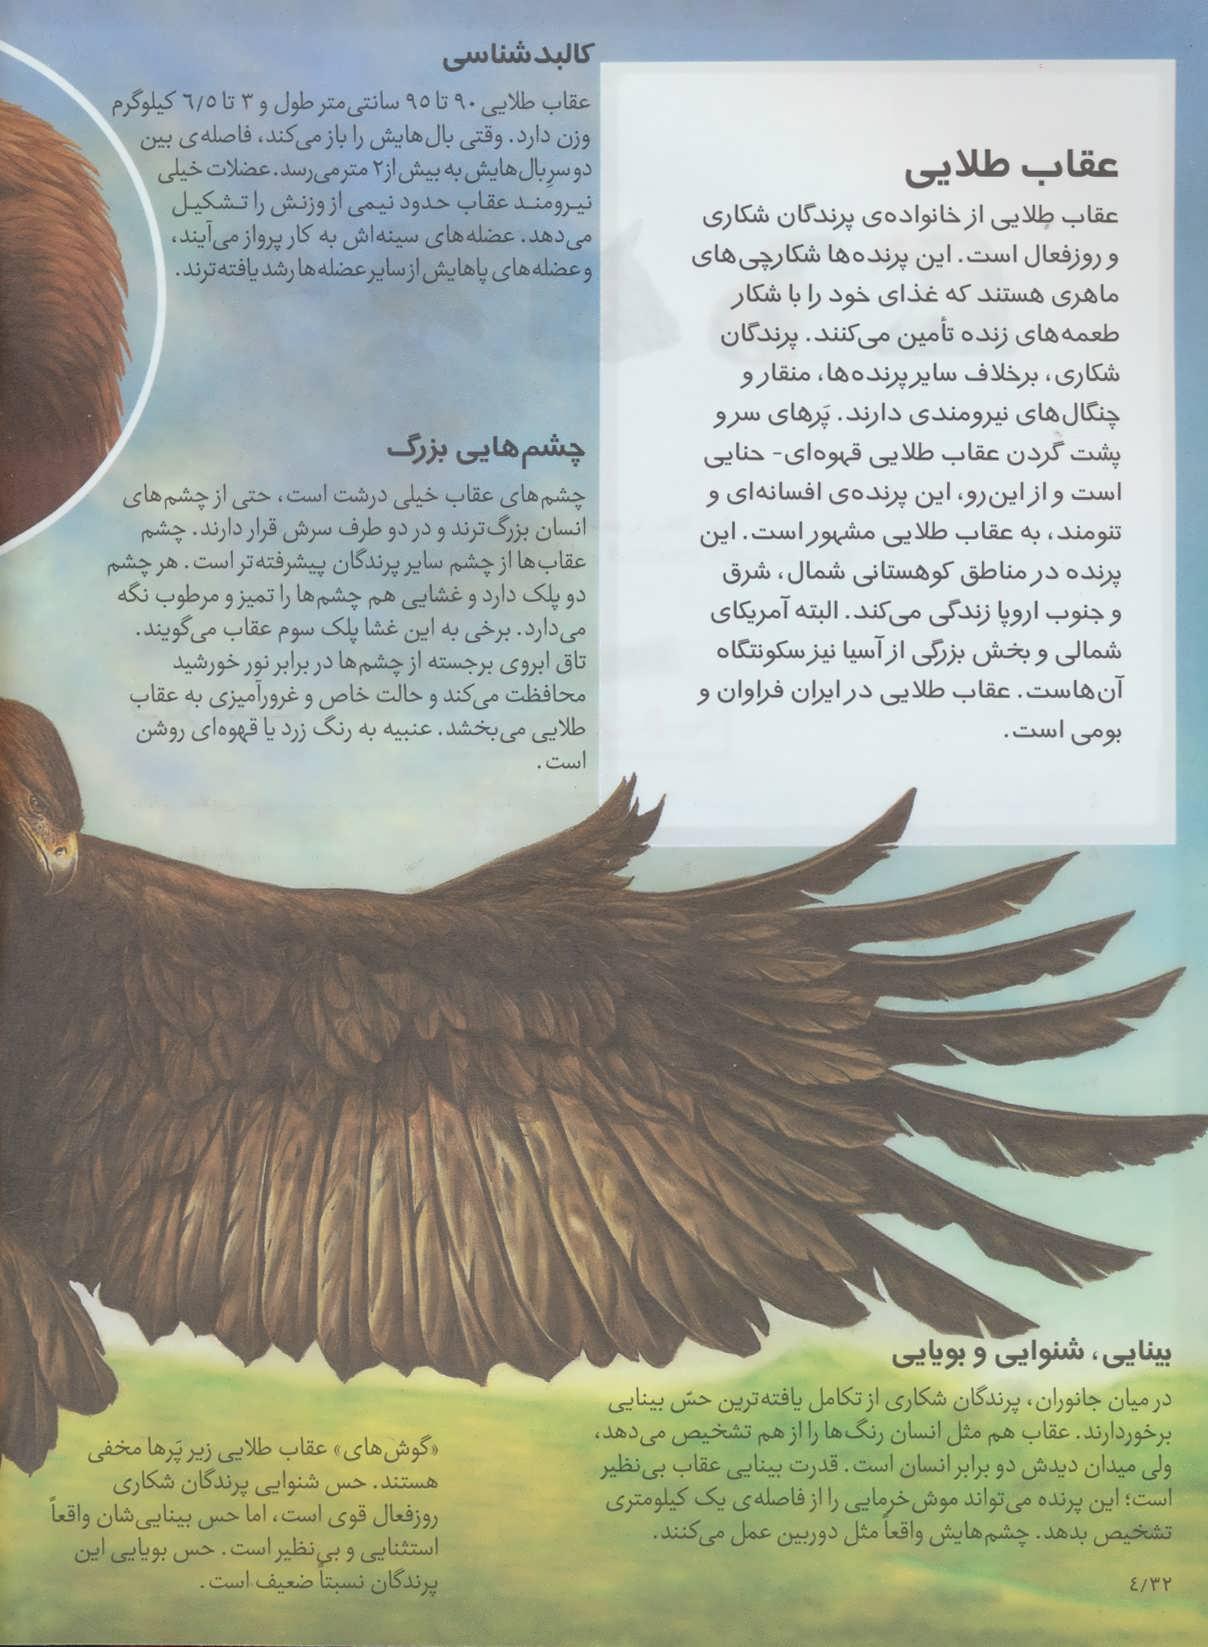 شگفتی های جهان (پرندگان شکاری)